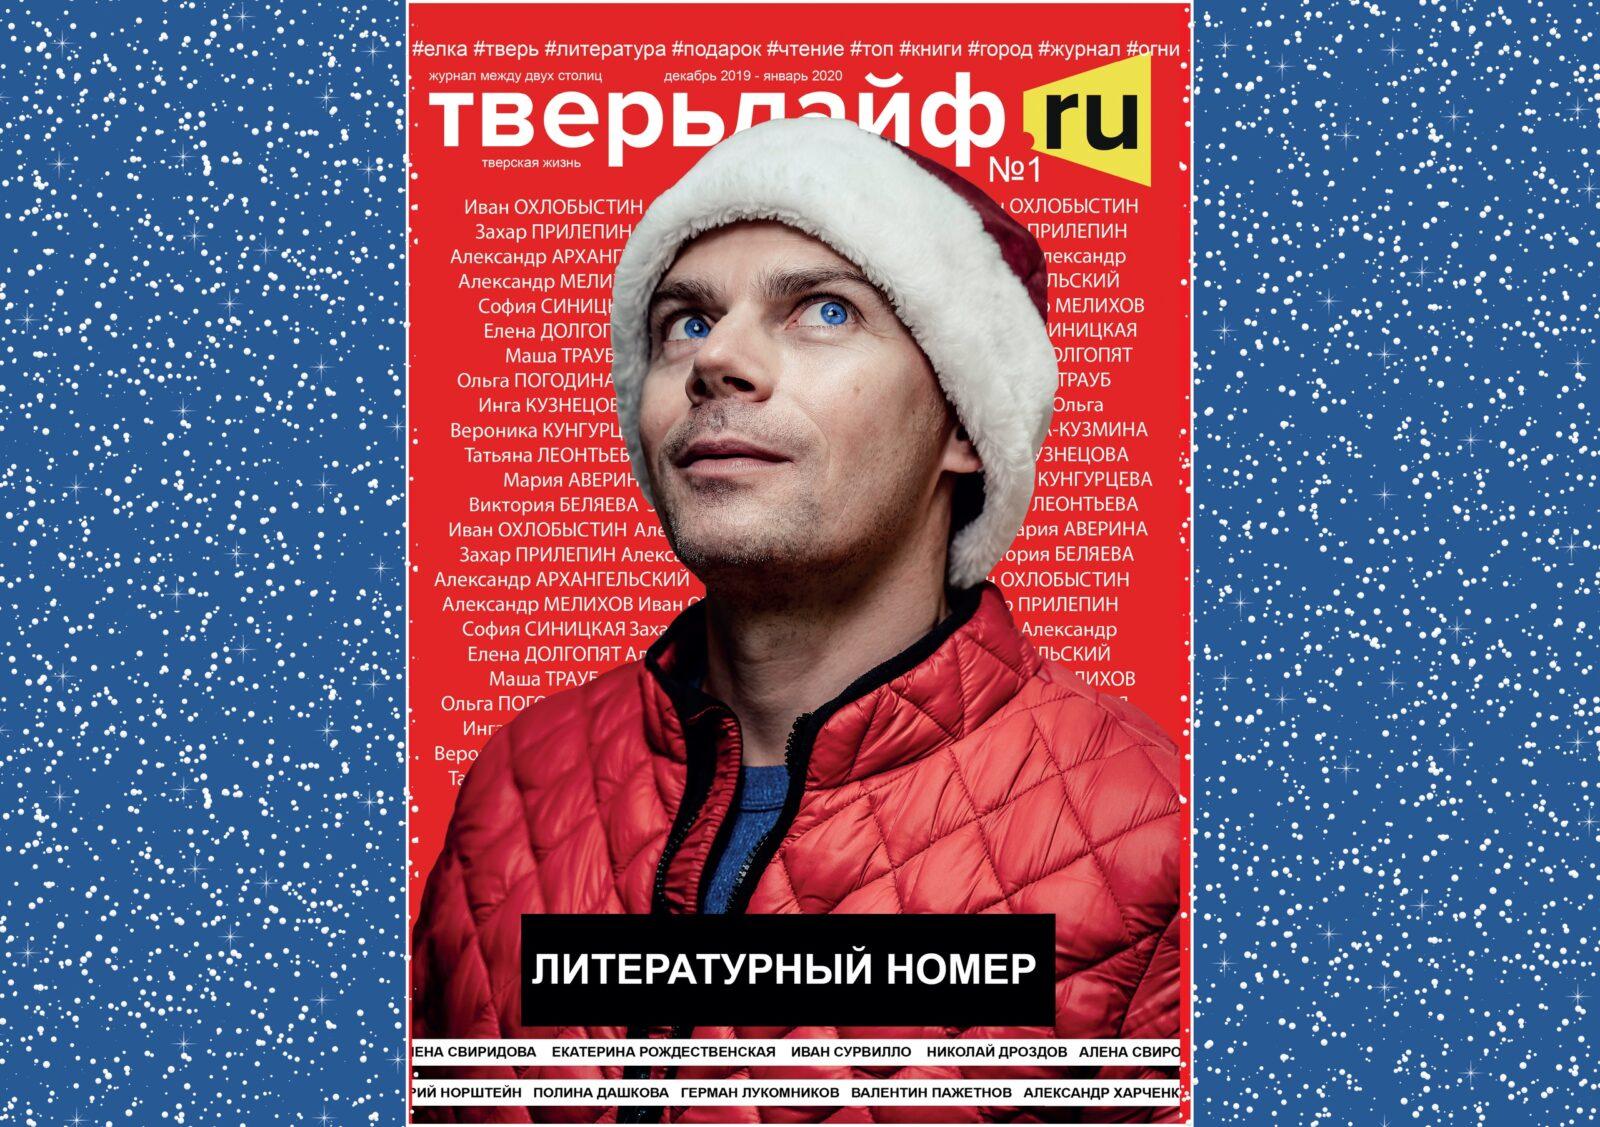 Журнал «Тверьлайф»: отличное дополнение новогодних праздников